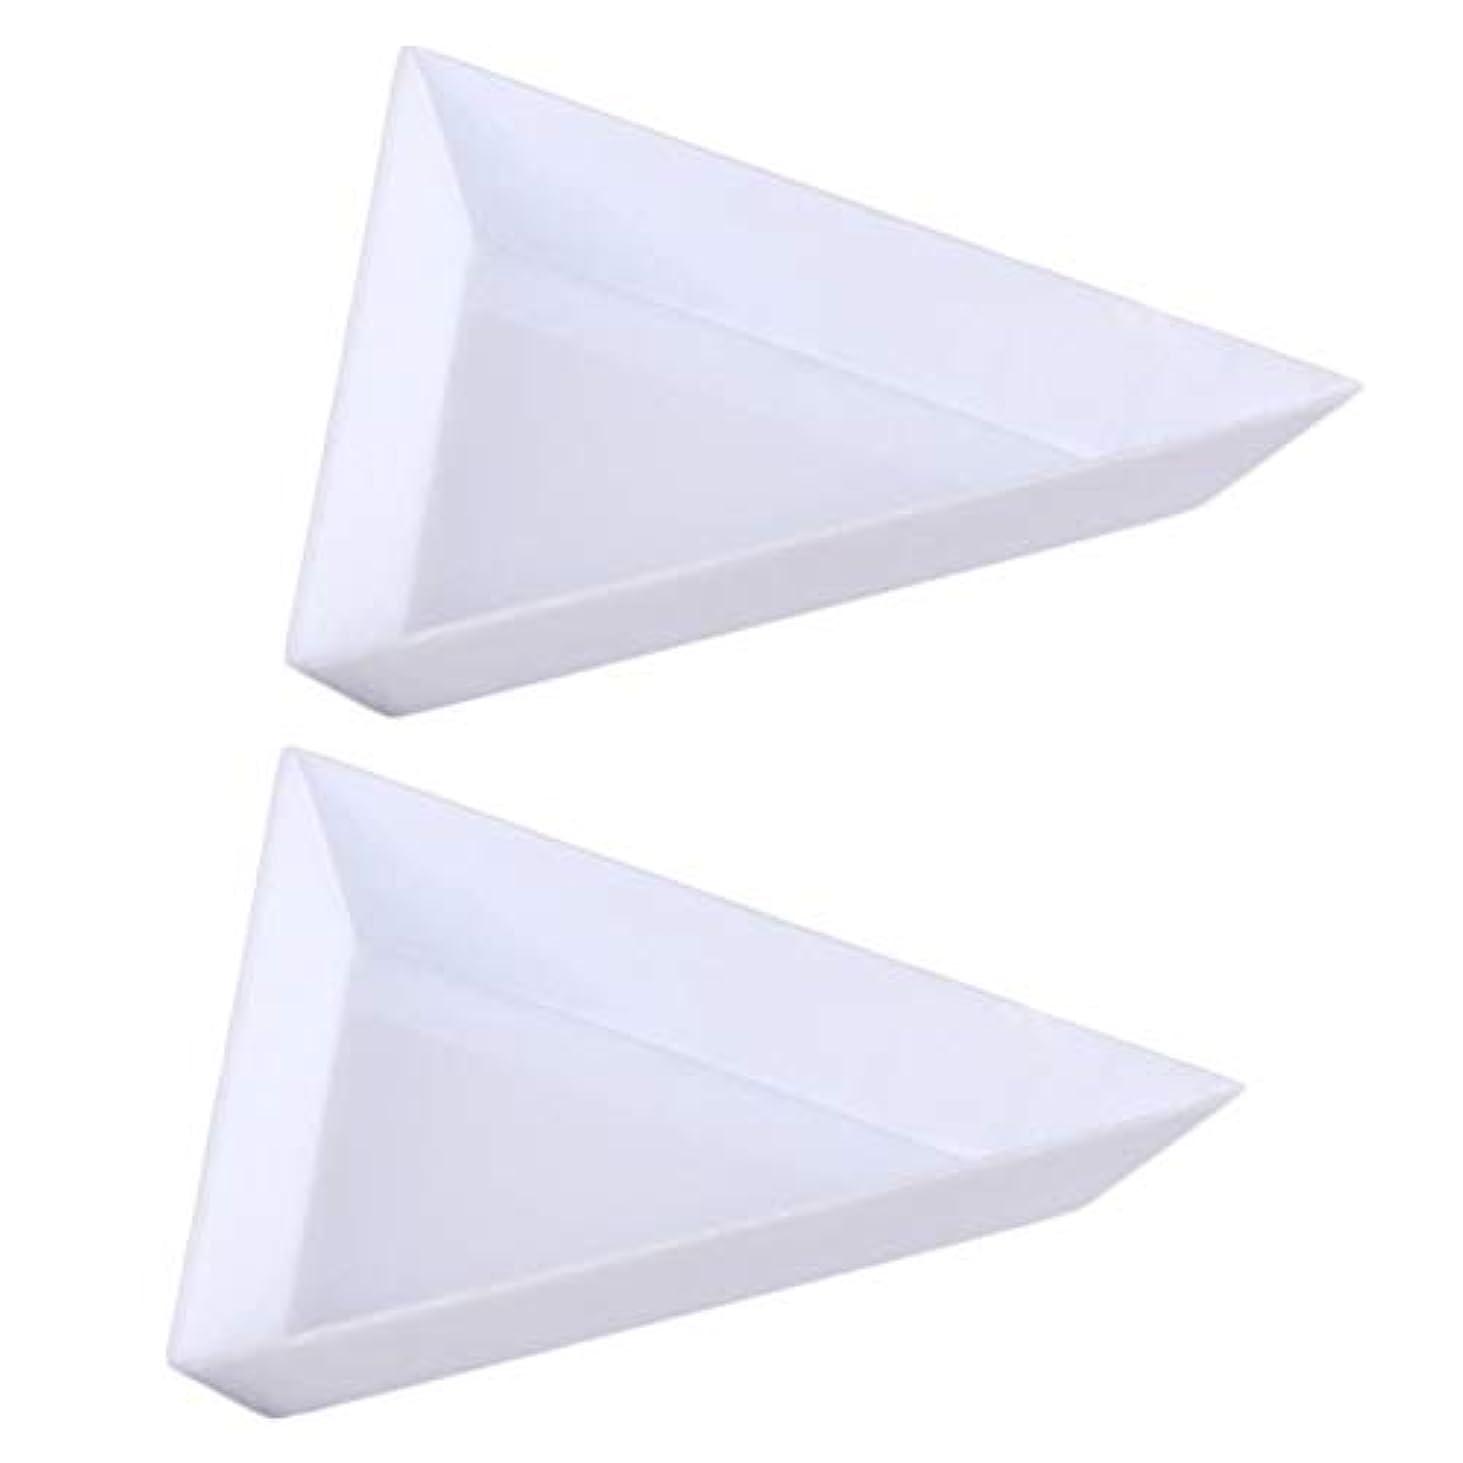 付き添い人切断する駅Gaoominy 10個三角コーナープラスチックラインストーンビーズ 結晶 ネイルアートソーティングトレイアクセサリー白 DiyネイルアートデコレーションDotting収納トレイ オーガニゼーションに最適